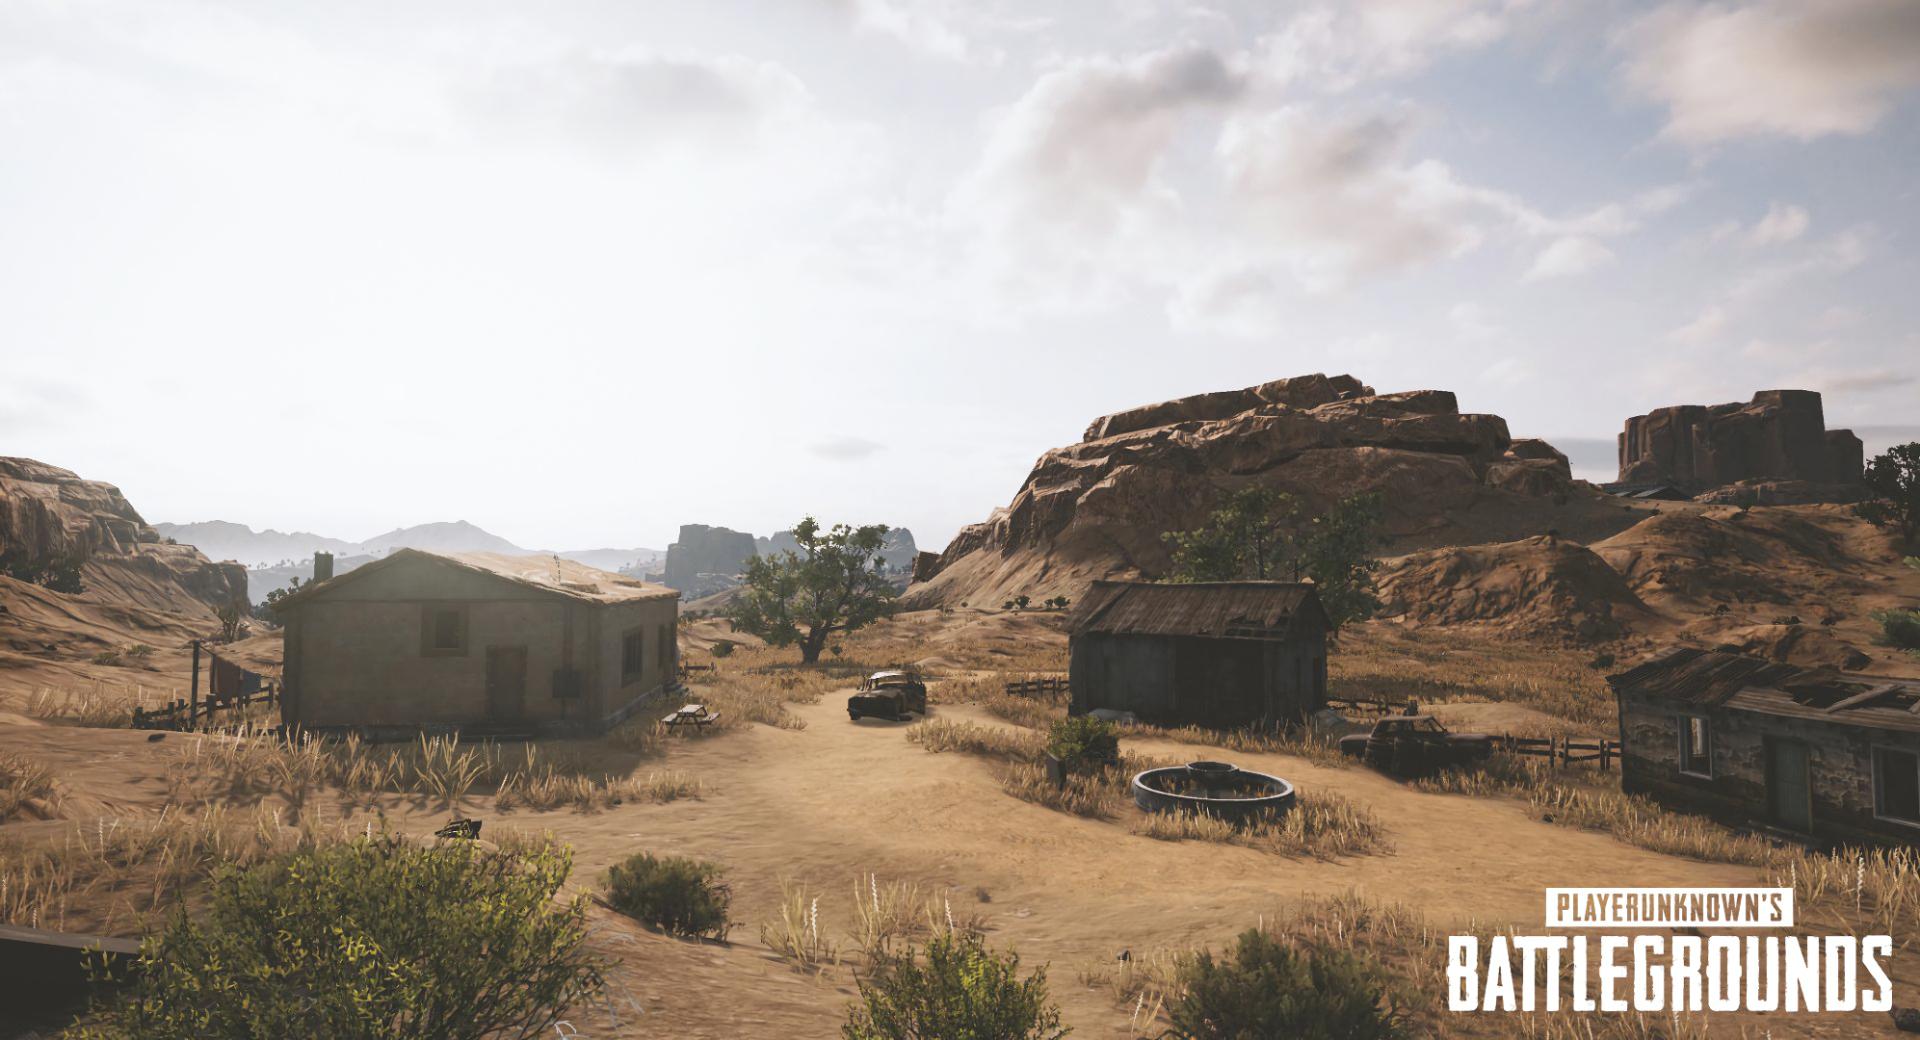 PlayerUnknown's Battlegrounds Papel De Parede HD